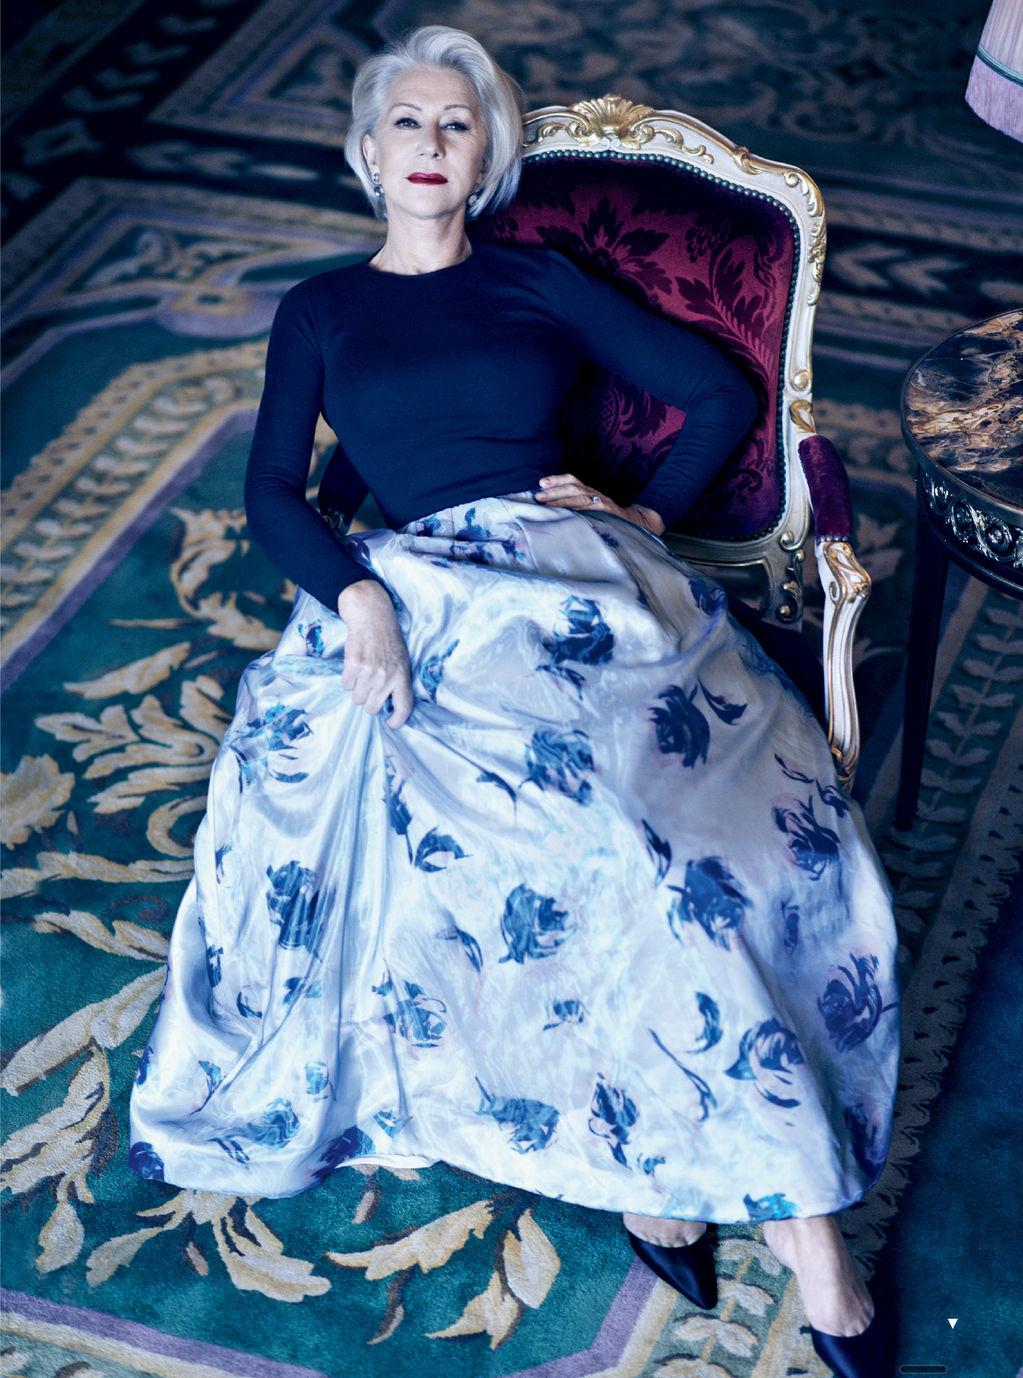 La reina de la alfombra roja tiene 68 años: Helen Mirren